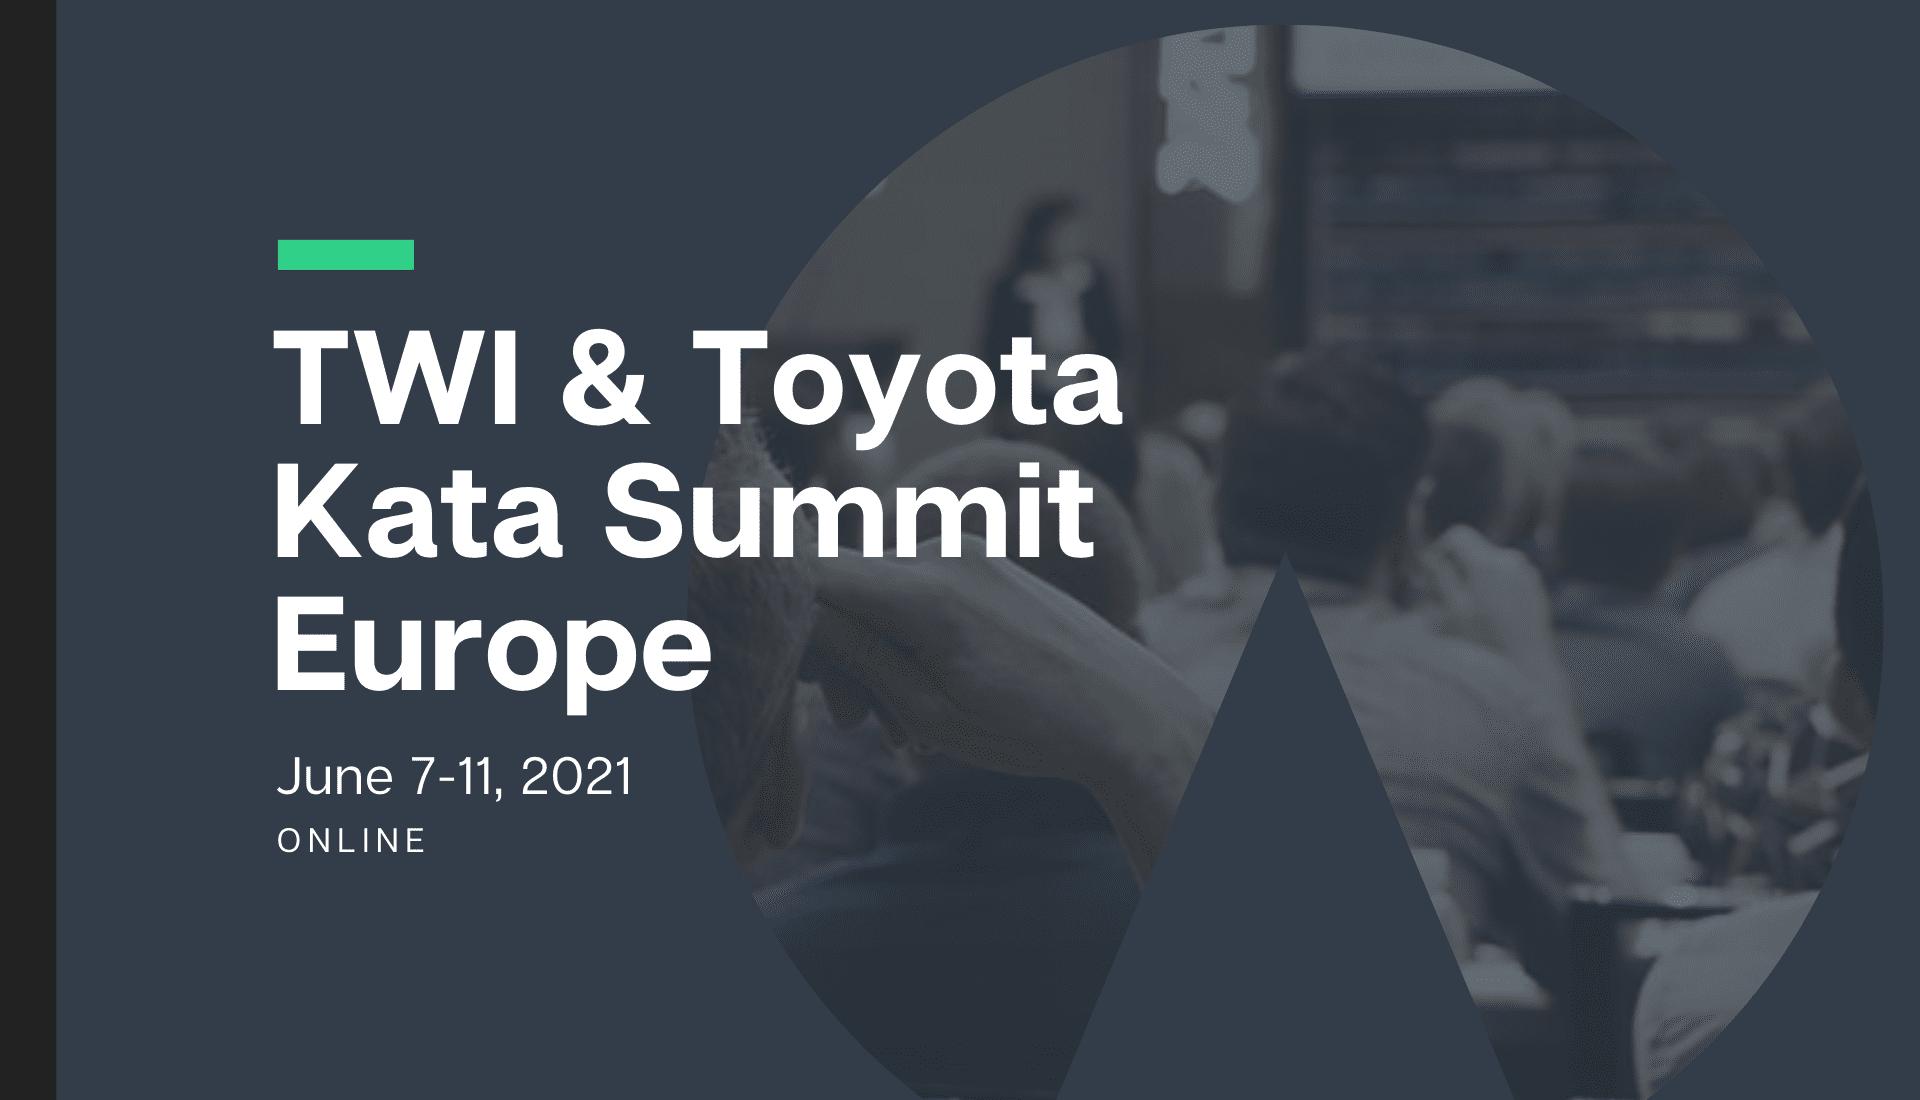 TWI & Toyota Kata Summit – Europe